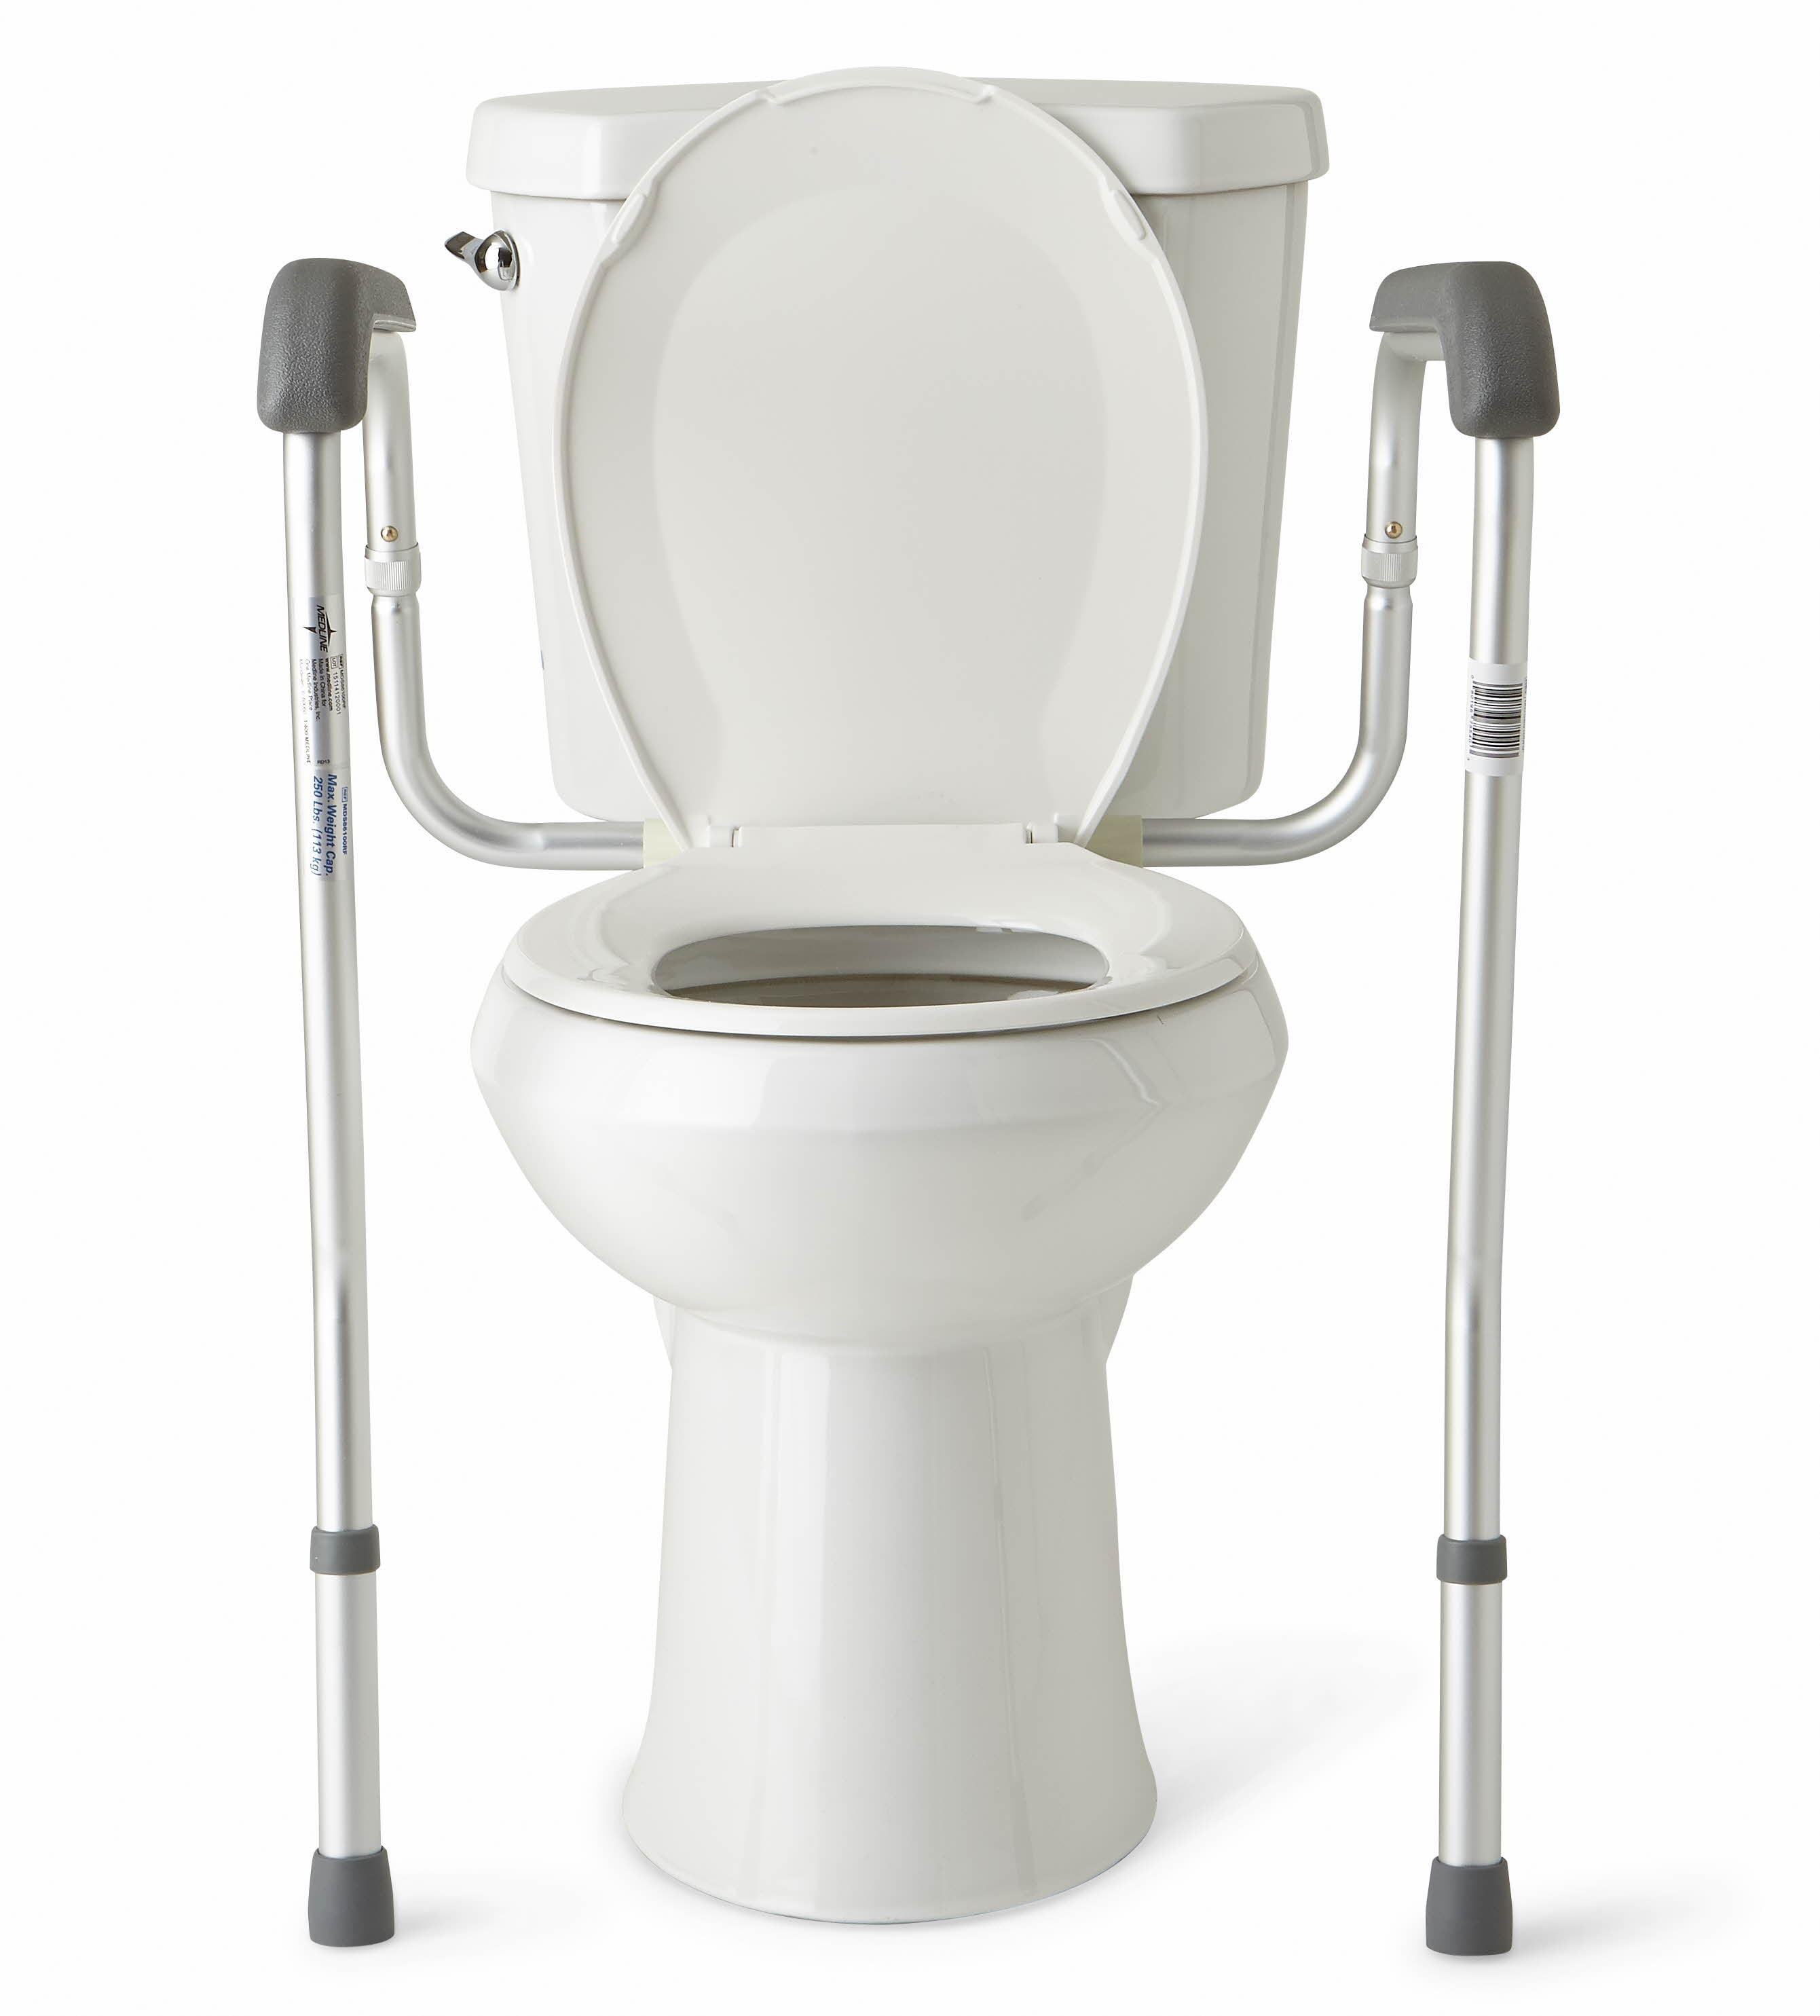 Medline Height Adjustable Toilet Safety Rails